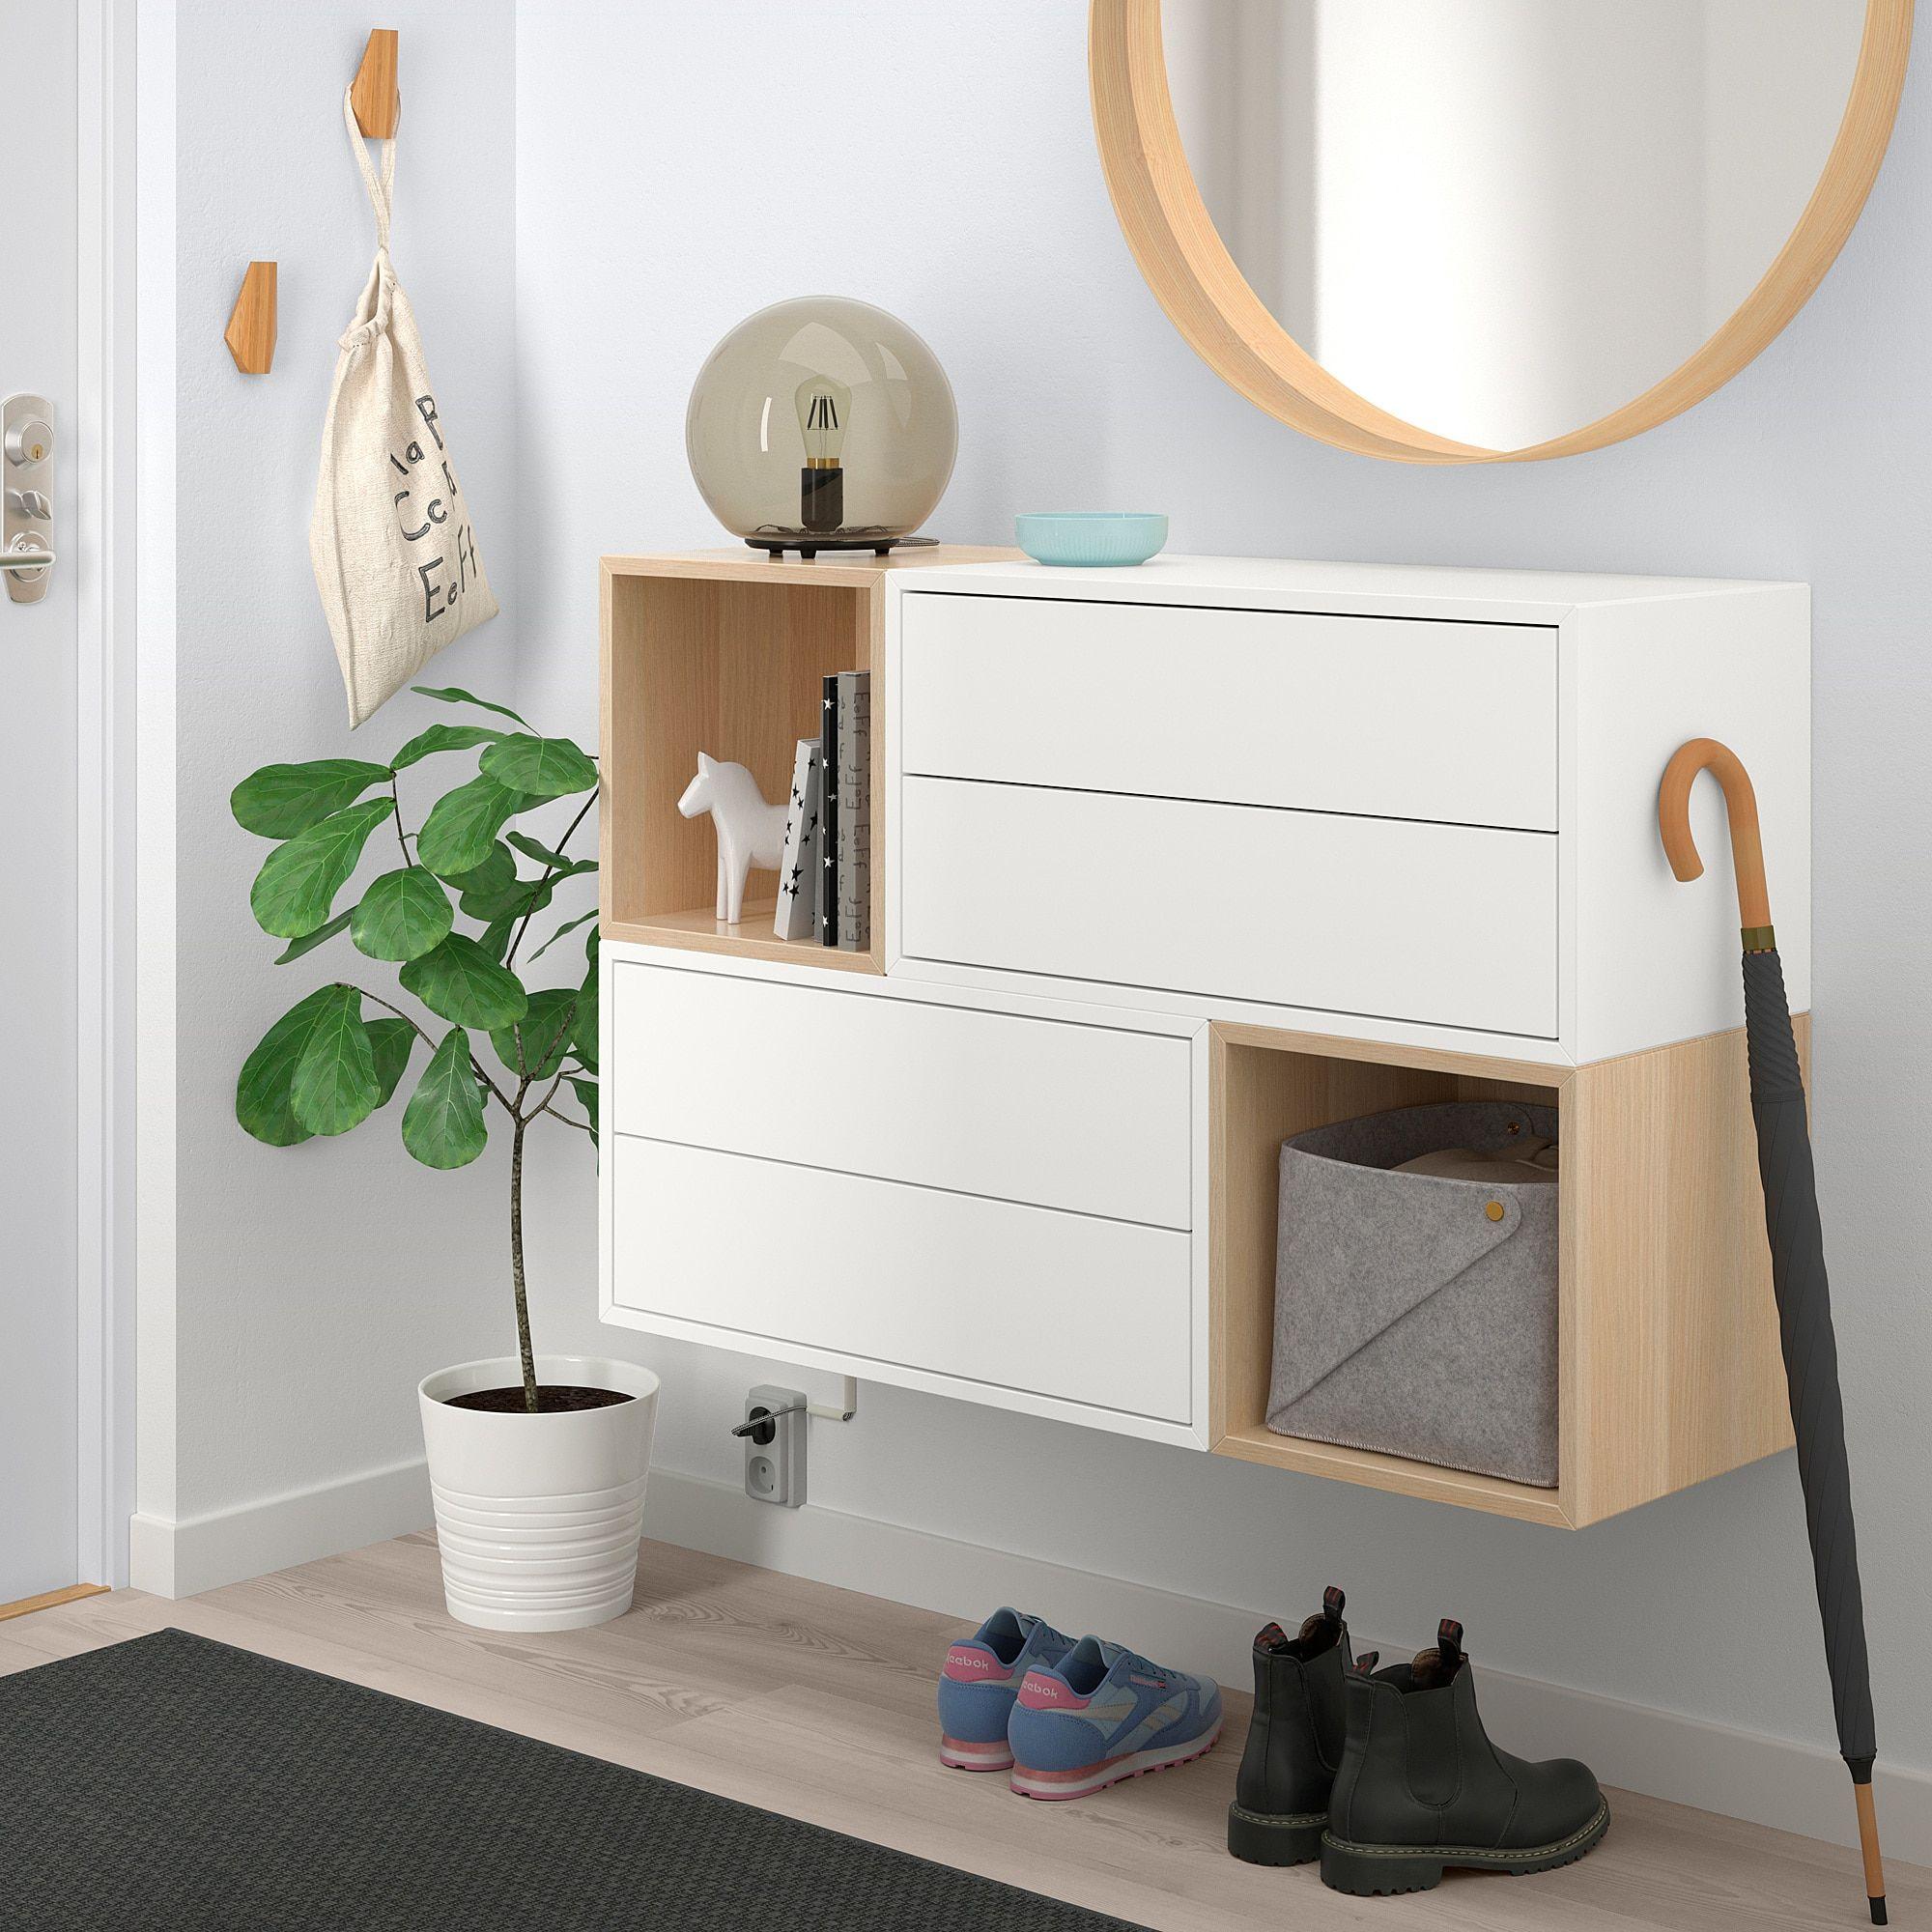 Eket Schrankkombination Fur Wandmontage Weiss Eicheneff Wlas Online Oder Im Einrichtungshaus Ikea Osterreich Eket Wall Mounted Cabinet Ikea Wall